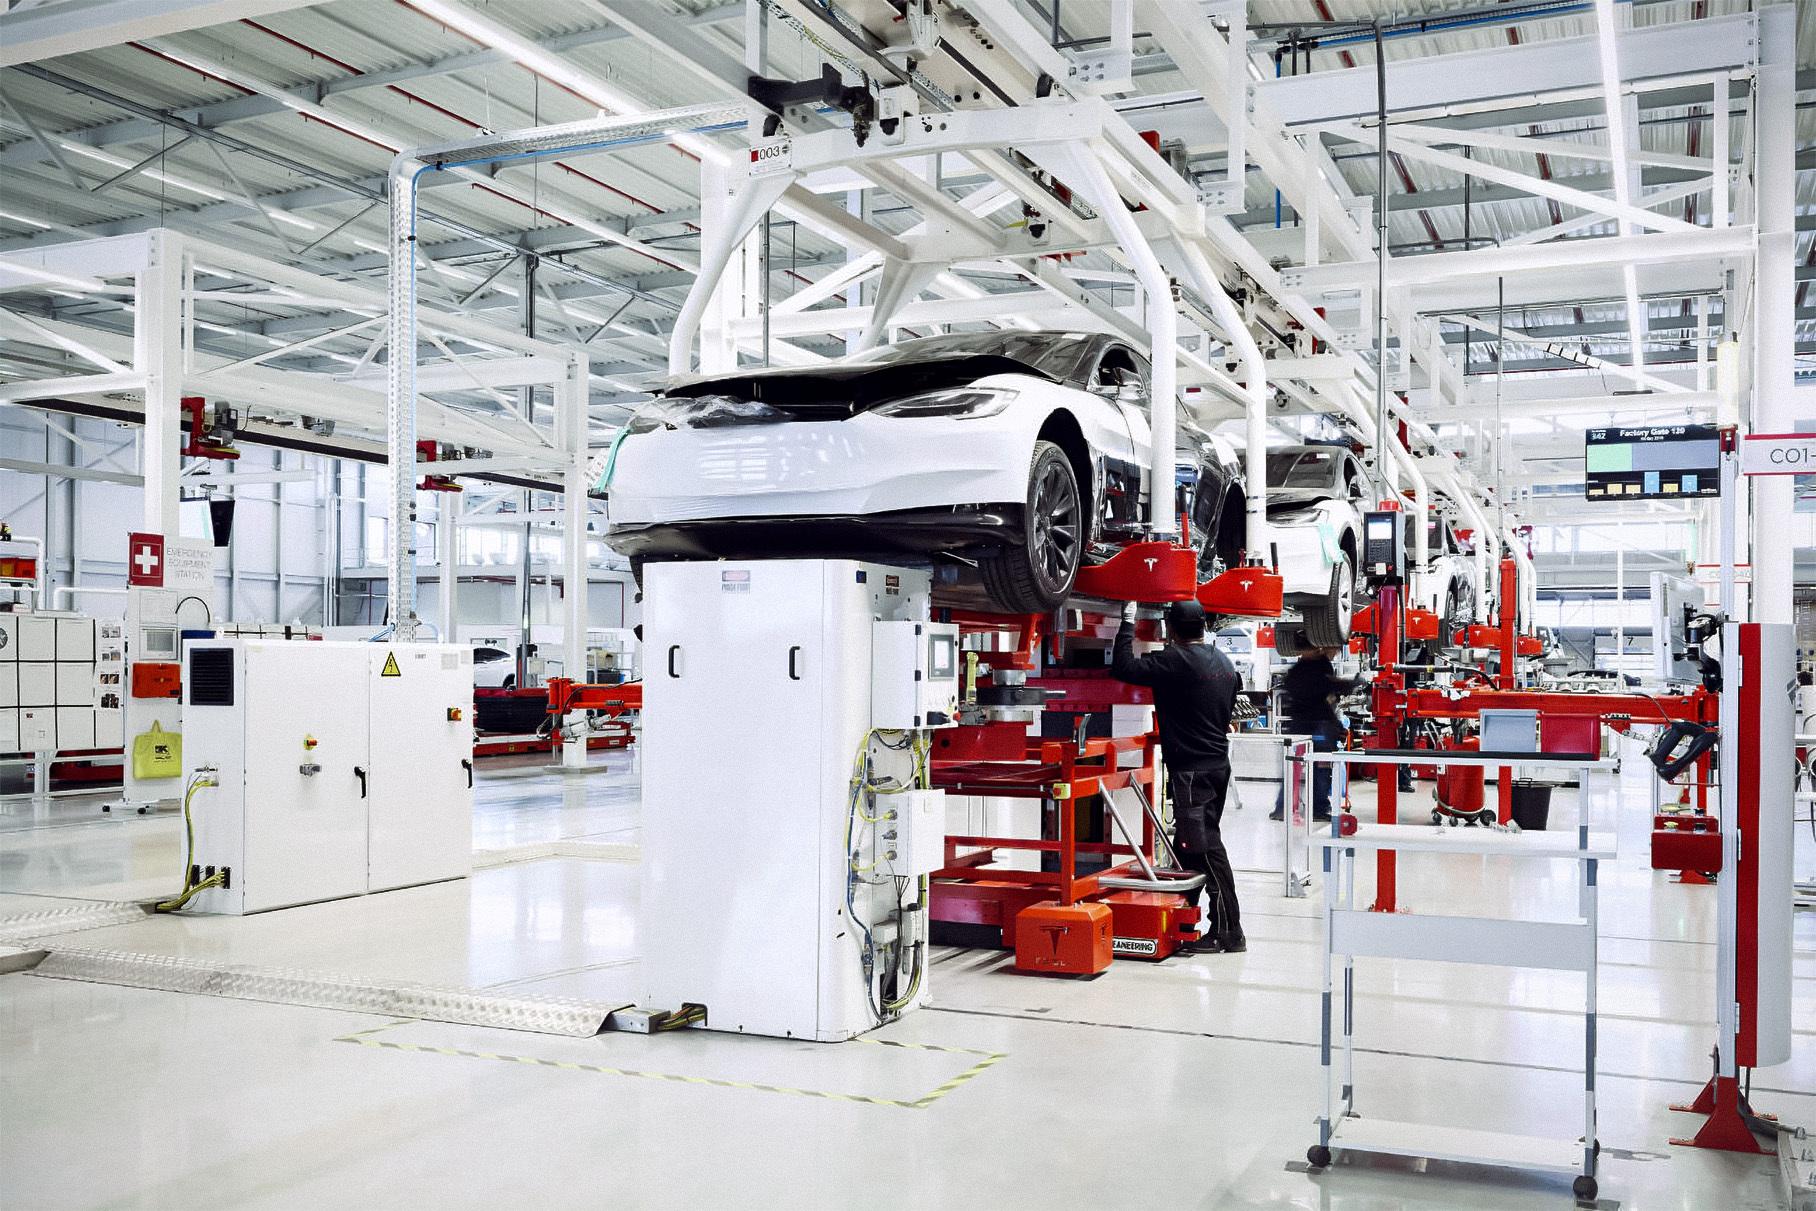 Илон Маск намекнул на появление нового завода Tesla. Но не в подмосковном Королеве